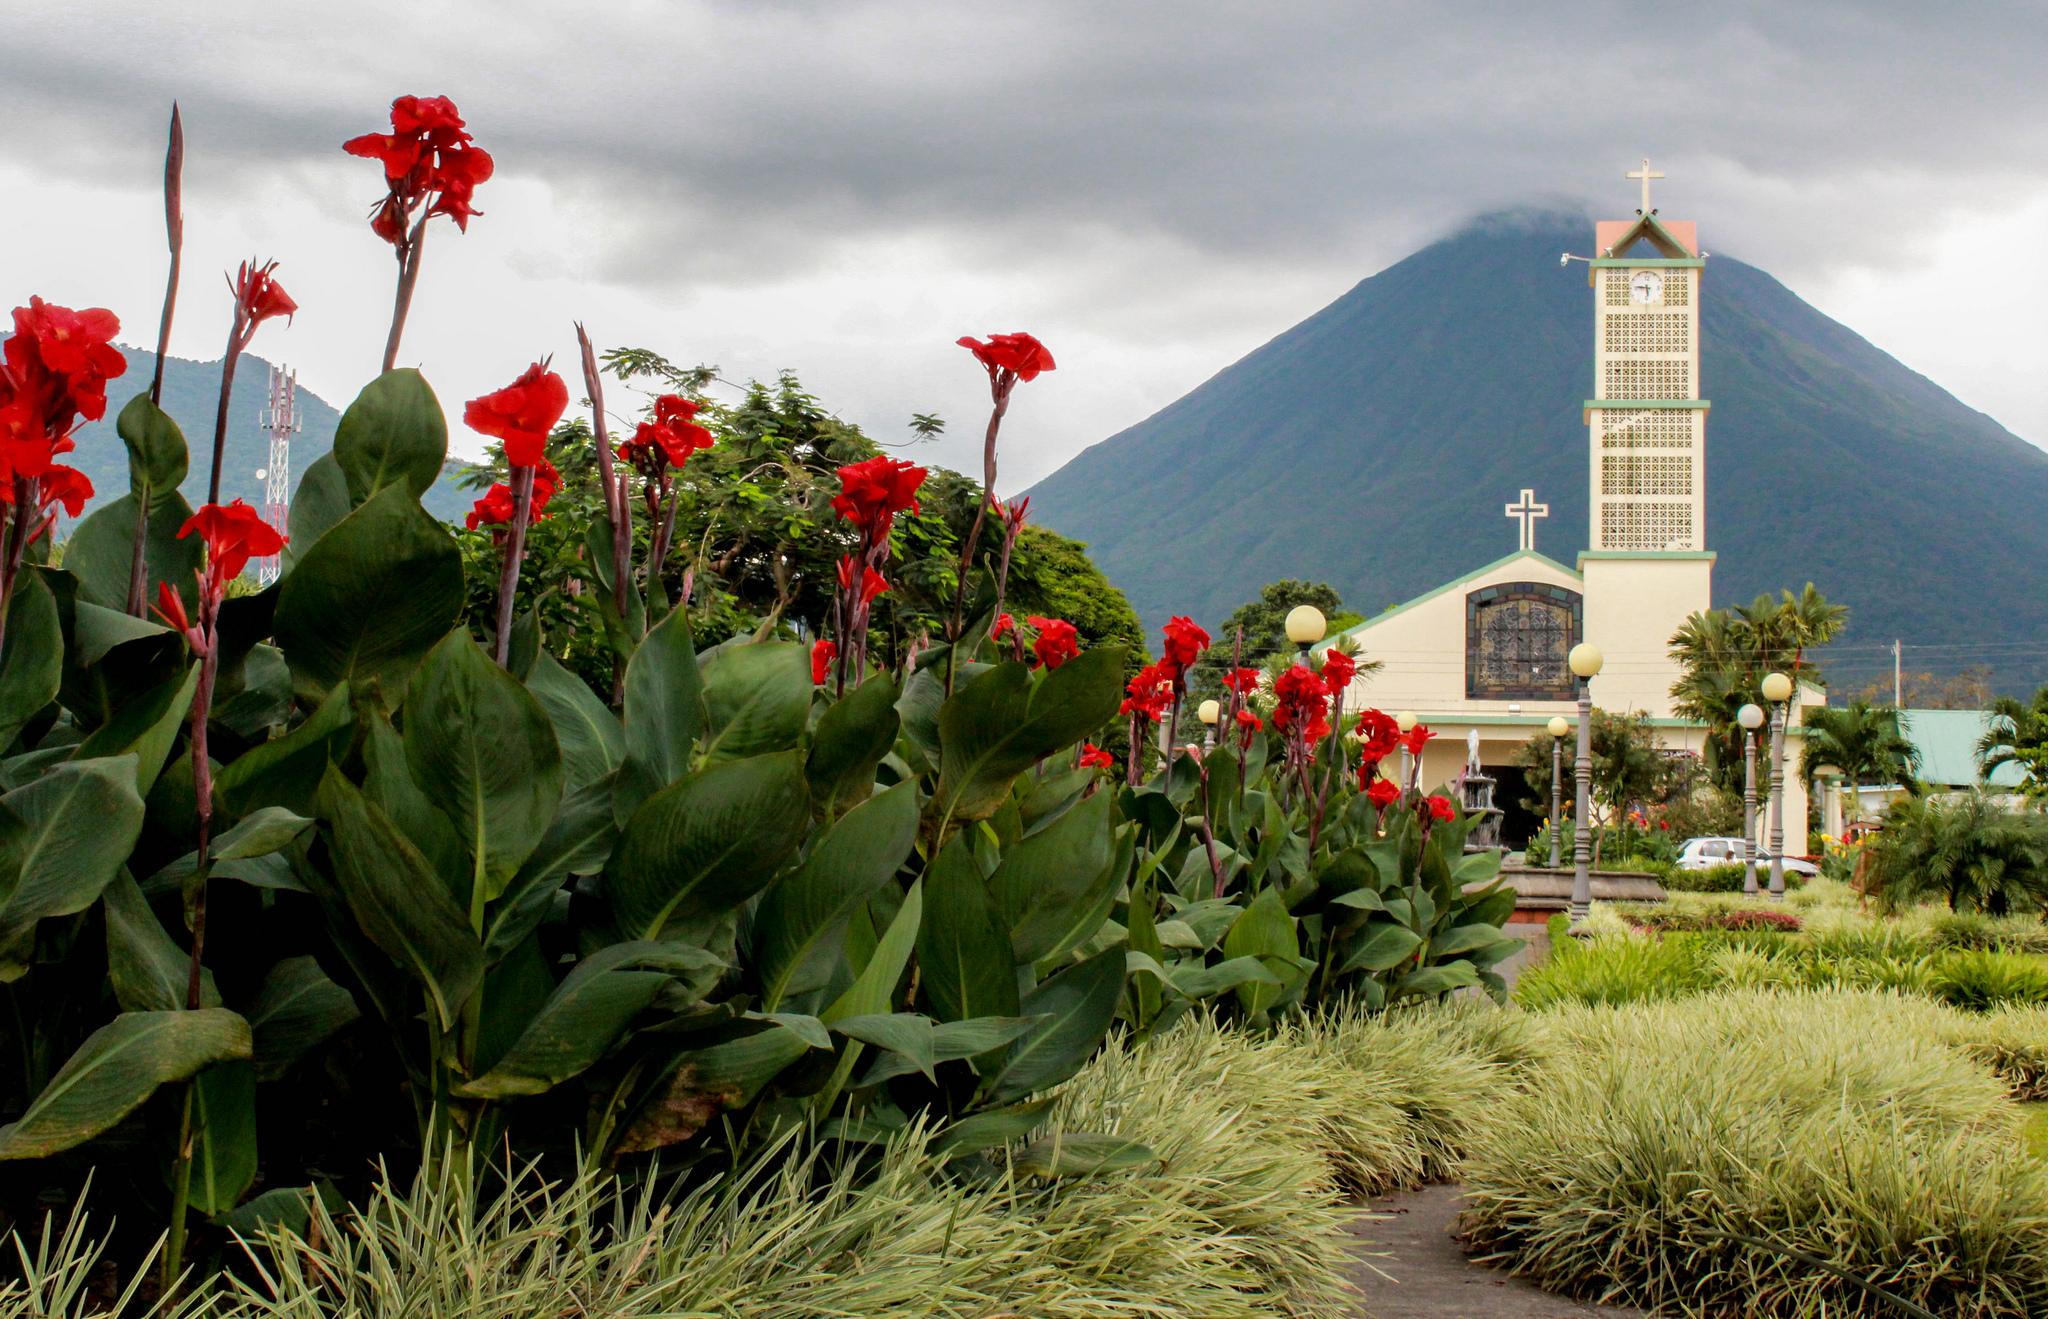 la fortuna town - arenal volcano - costa rica